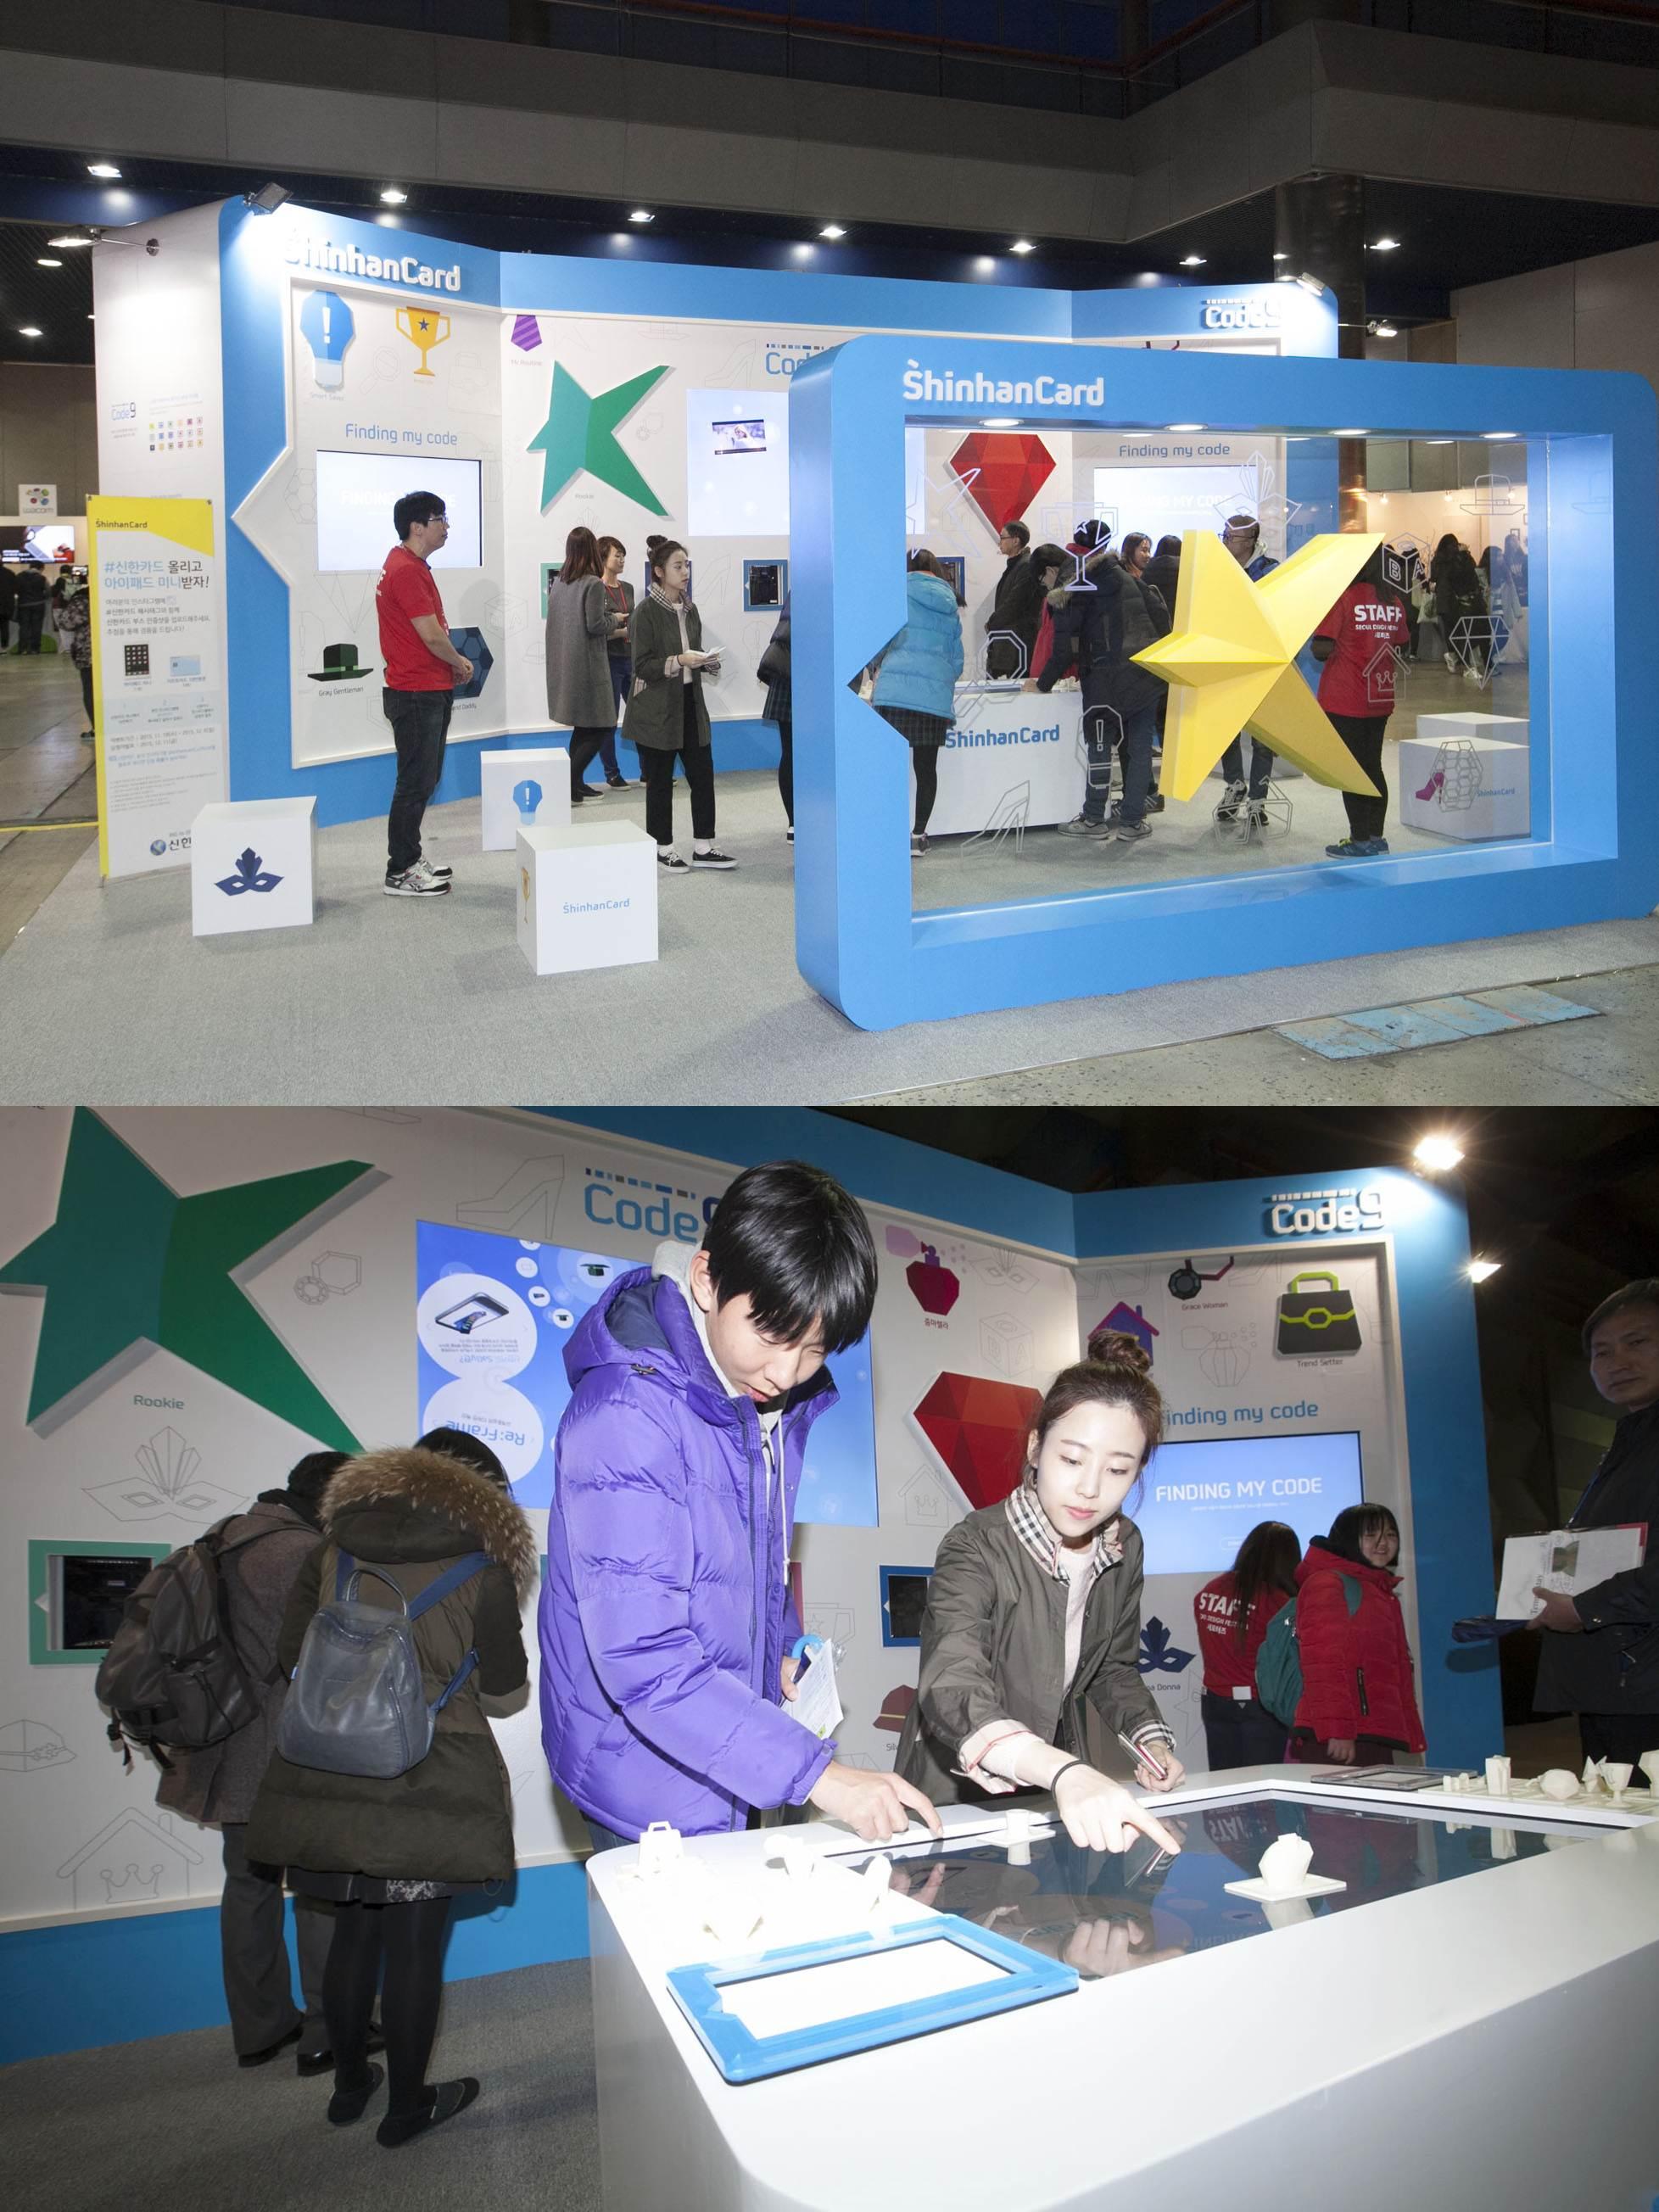 한편 올해로 14회째를 맞이한 서울디자인페스티벌은 2일부터 5일간 삼성동 코엑스에서 전시를 진행한다. 행사는 '디자인 경영', '디자인 전문 회사', '디자이너 프로모션', '디자이너스 랩', '한국 콘텐츠', '글로벌 콘텐츠'로 구성돼 있다. 이와 함께 '디자인 세미나'와 '서울 디자인 스팟' 행사도 함께 진행한다. 사진=디자인하우스